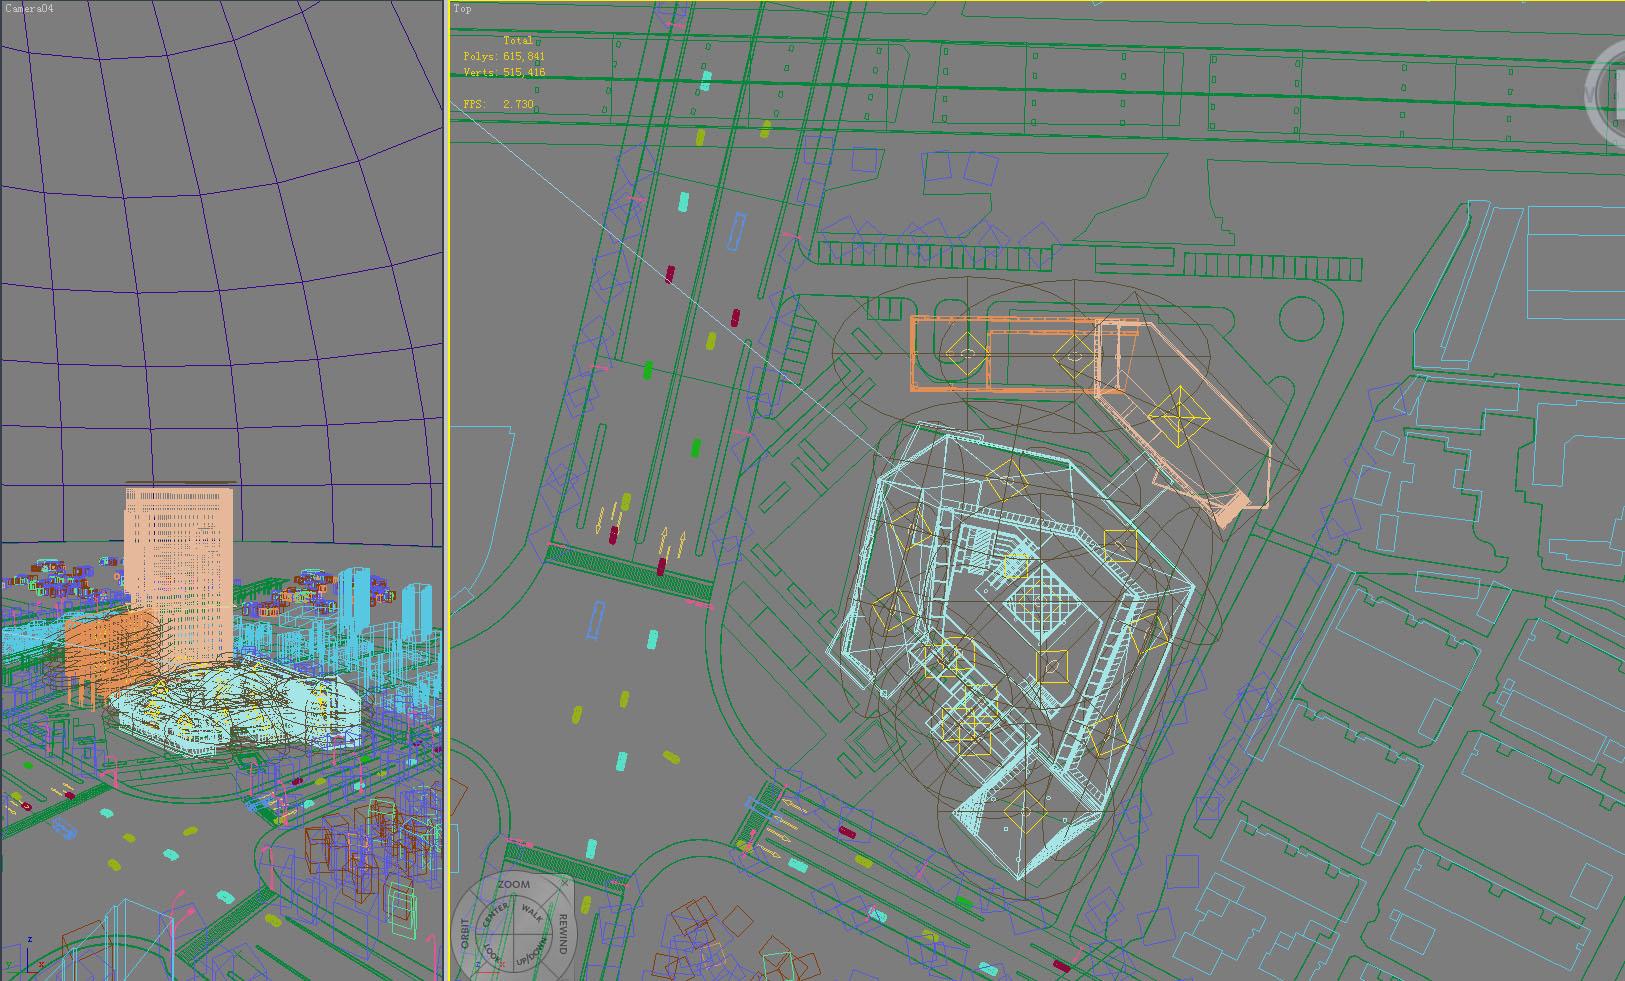 building 836 3d model max psd 123246